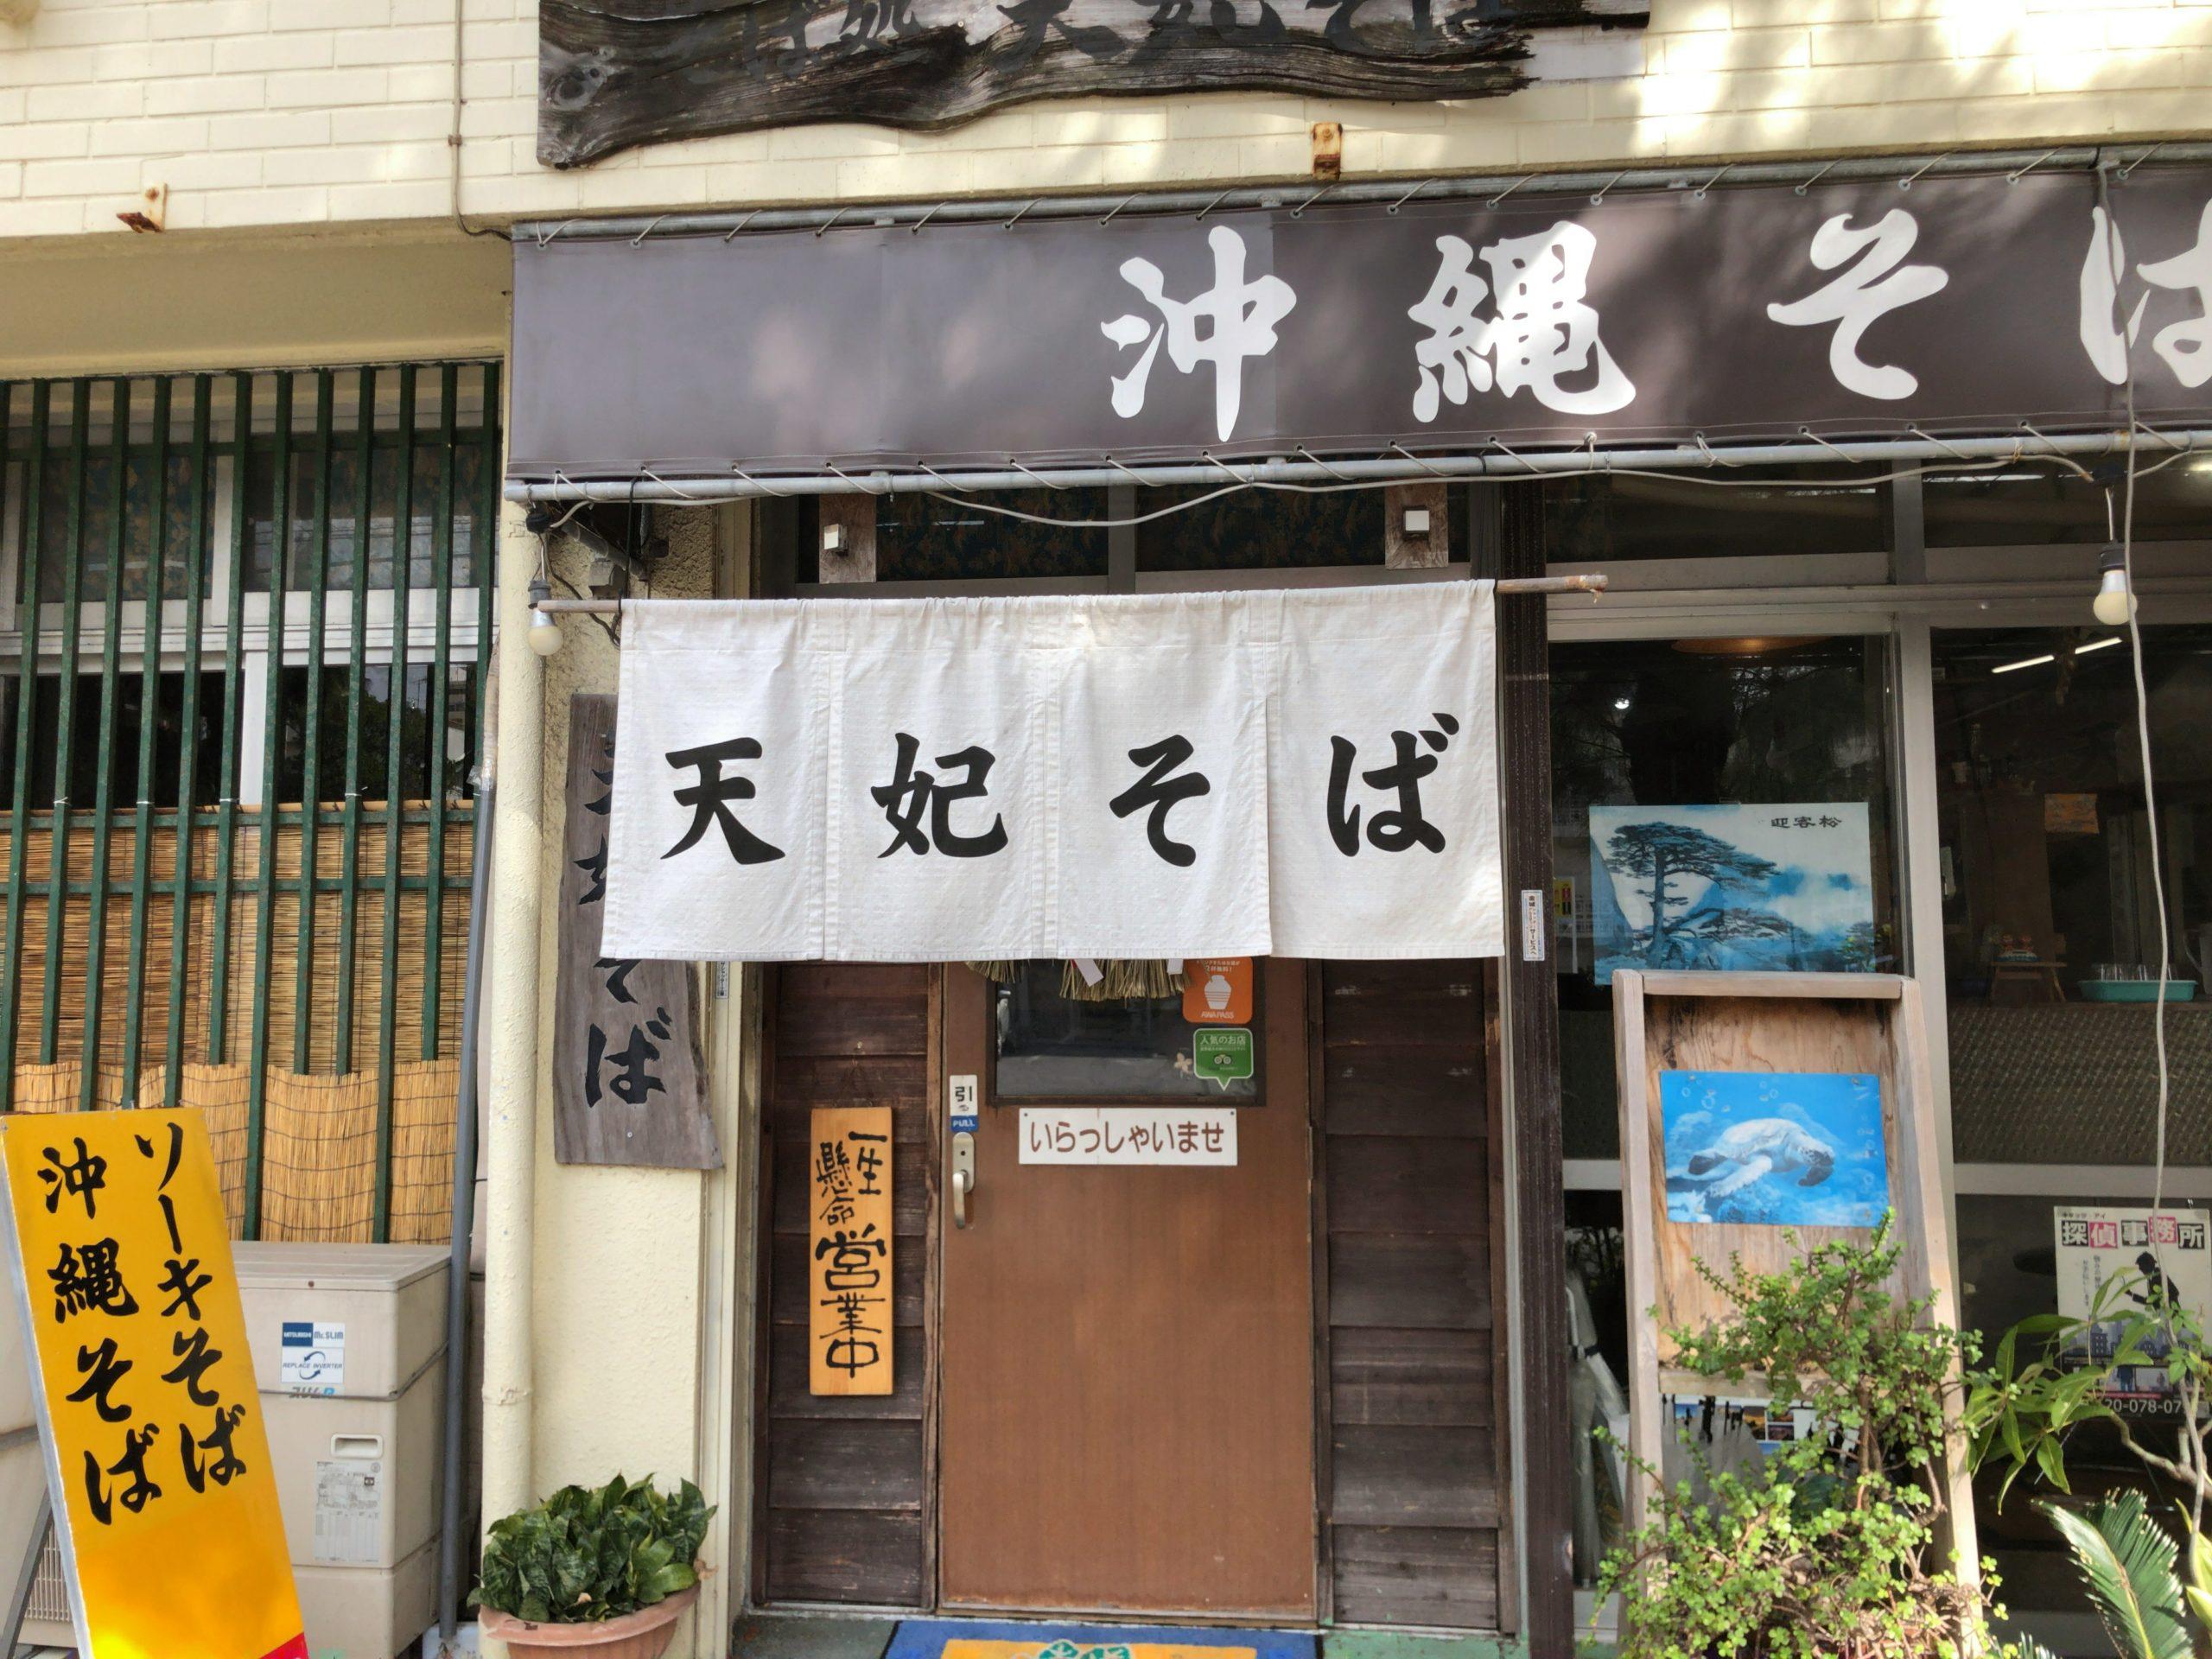 那覇市久米『天妃そば(てんぴそば)』 安くて美味しい!万人受けの安心の味